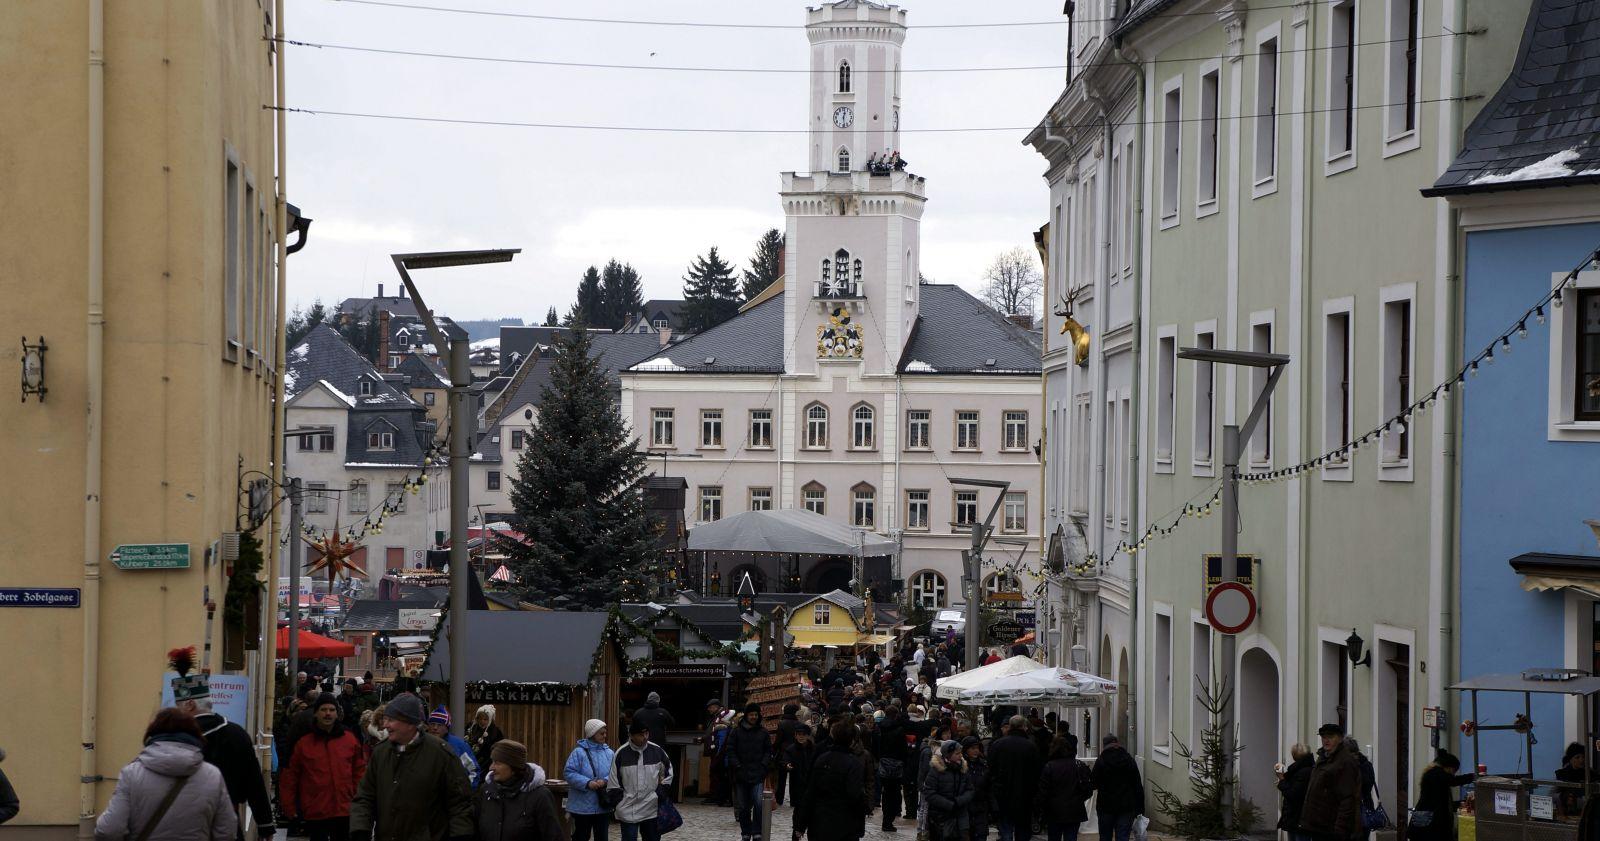 Weihnachtsmarkt Kalender 2019.Schneeberger Weihnachtsmarkt 2019